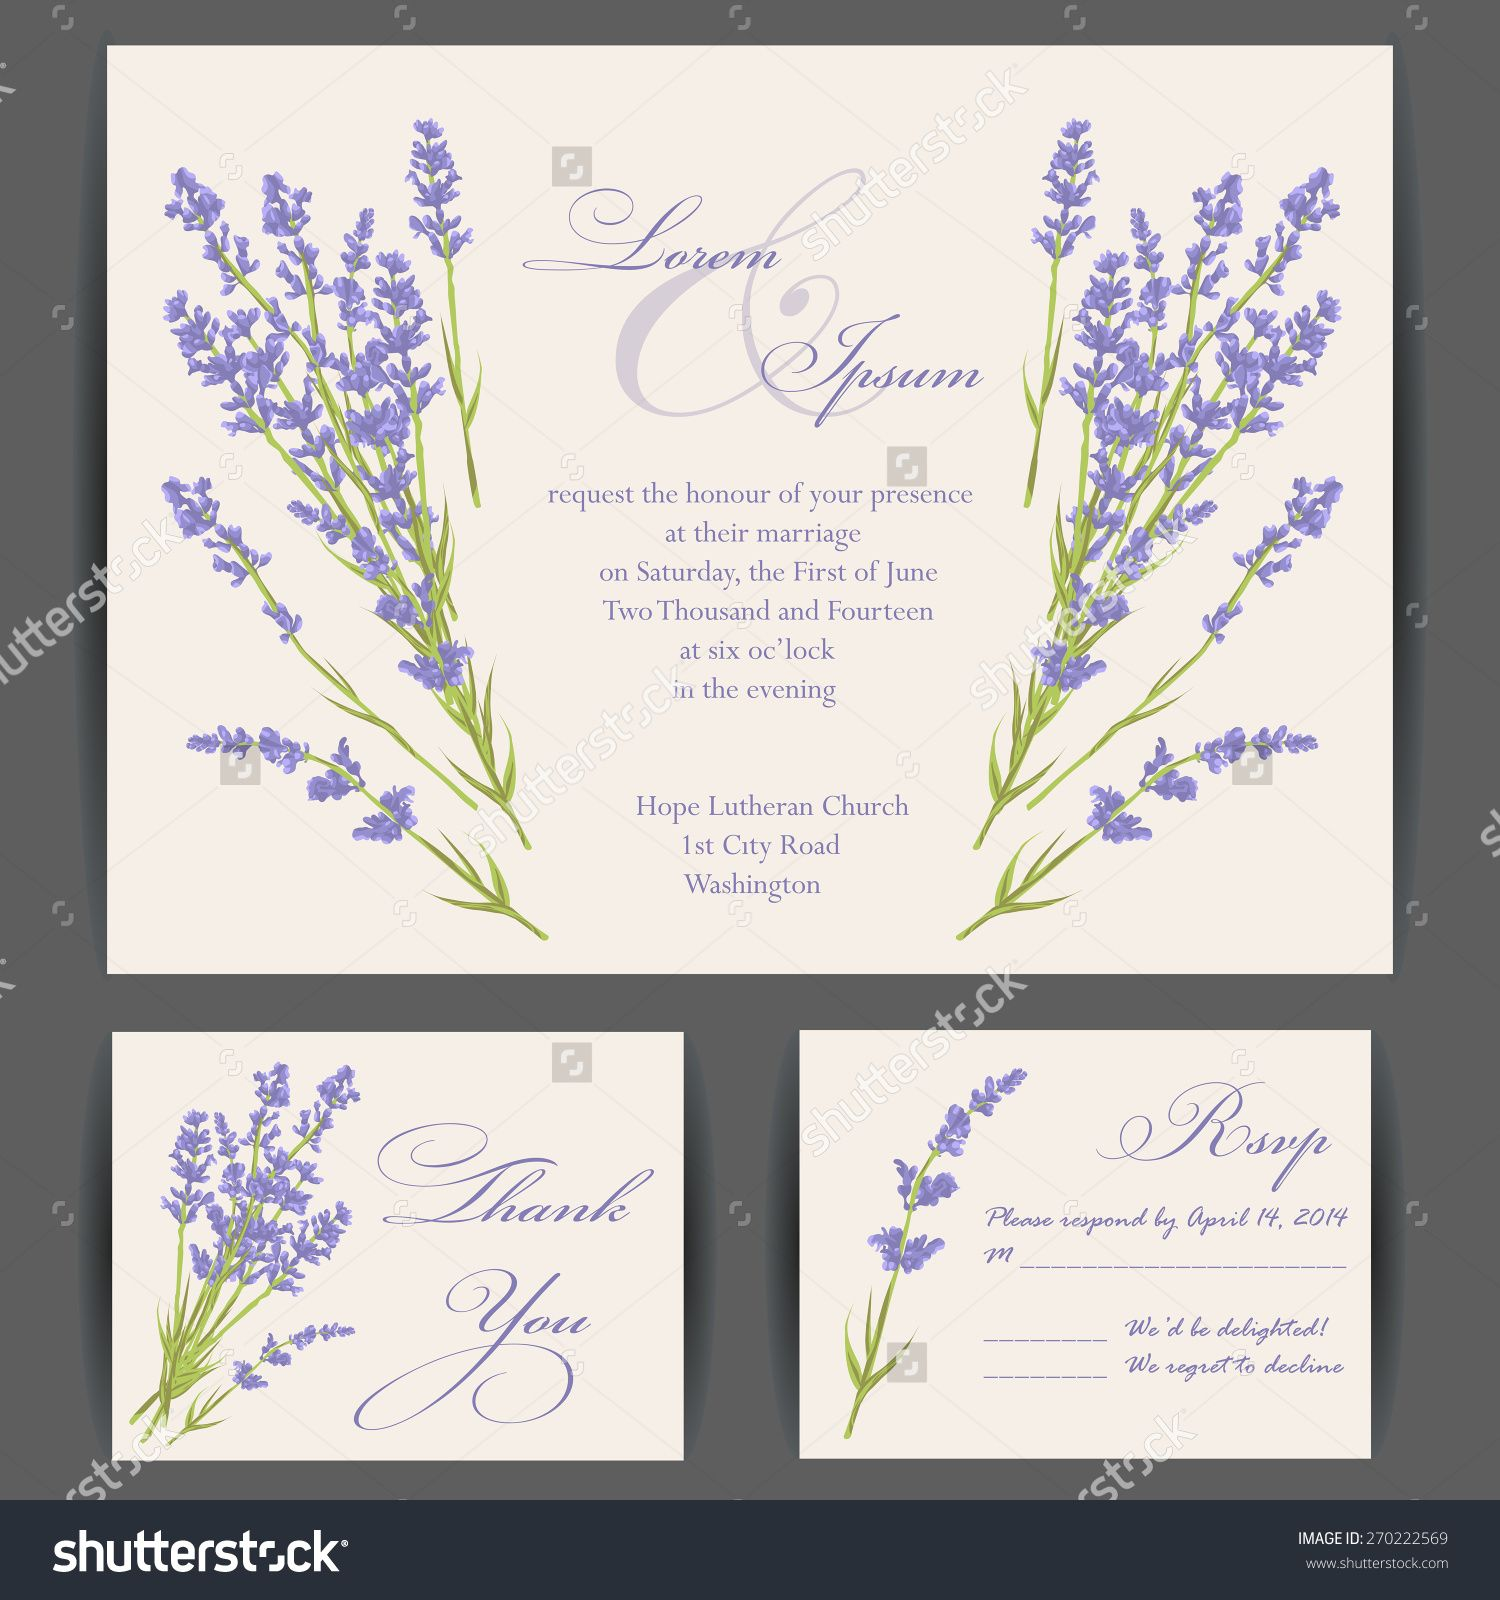 Risultati immagini per lavender invitations wedding | wedding ...